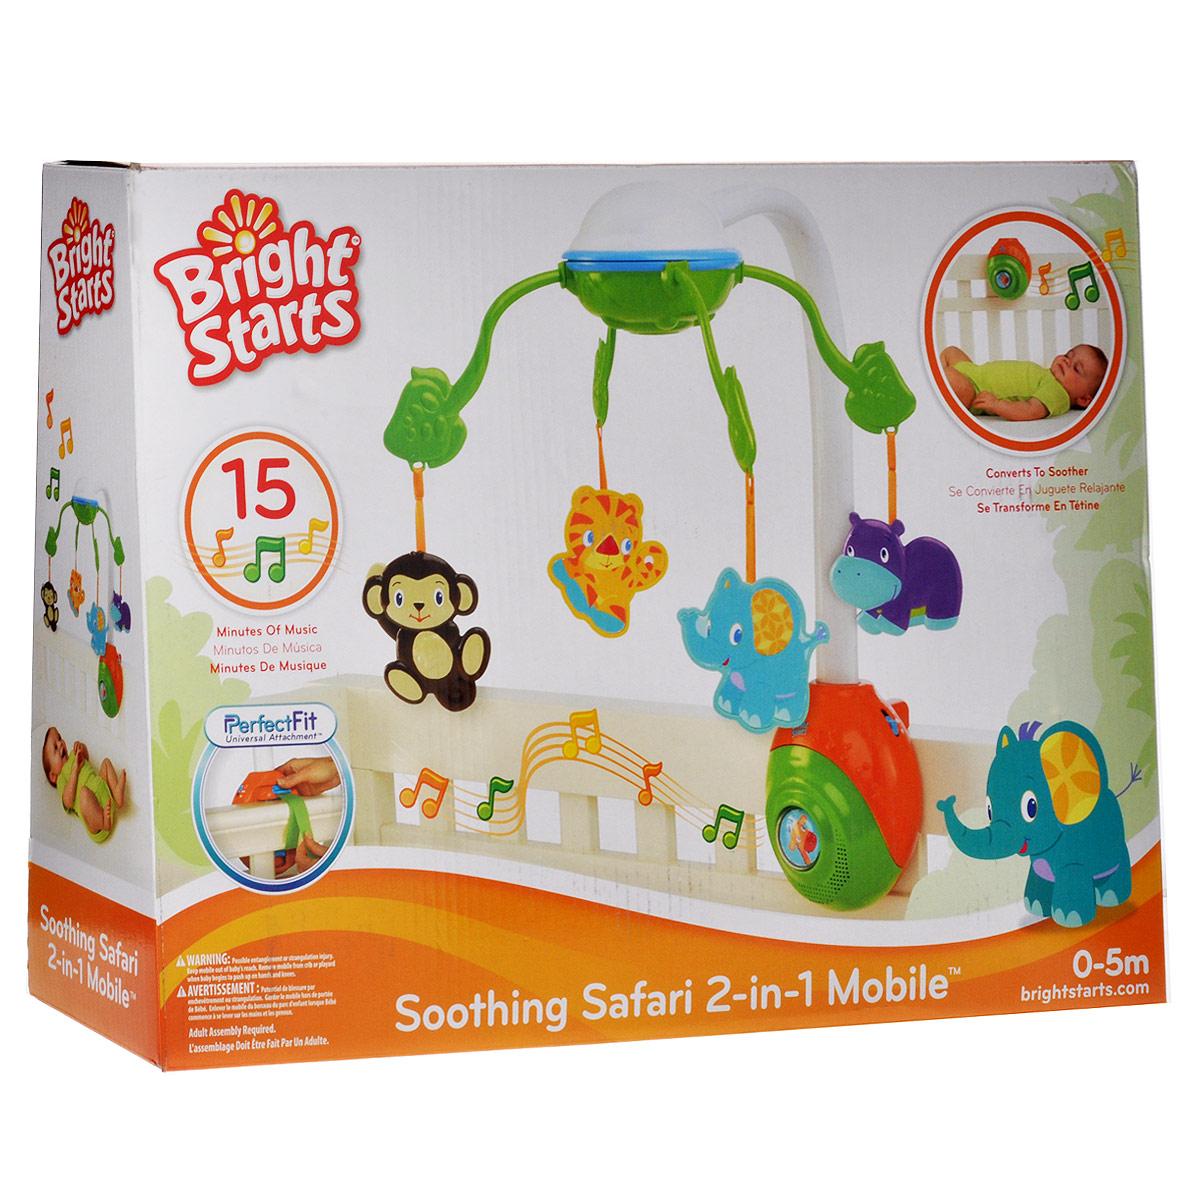 Музыкальный мобиль Bright Starts Сафари8352_обезьяна, тигр, слон, бегемотЯркий музыкальный мобиль Сафари - оригинальная музыкальная игрушка, создающая атмосферу уюта и спокойствия в детской комнате. Под приятные мелодии на мобиле медленно вращаются разноцветные пластиковые игрушки: тигренок, обезьянка, cлоненок и бегемотик. К стойке мобиля крепится съемный музыкальный блок, в центре которого расположена кнопка с изображением жирафа под прозрачным окошком. Мобиль воспроизводит 6 различных мелодий с максимальной длительностью 15 минут. Когда малыш подрастет, музыкальный блок можно будет закрепить на бортике кроватки, и ребенок сможет включать мелодии самостоятельно. Подвесные игрушки привлекут внимание малыша и помогут развитию зрения и цветового восприятия, а мелодичные звуки разовьют звуковое восприятие. В комплект также входит инструкция по эксплуатации мобиля на русском языке. Средний размер игрушки: 8 см х 8 см. Размер музыкального блока: 14 см х 17 см х 8 см. Необходимо докупить 3 батарейки типа C/LR14...